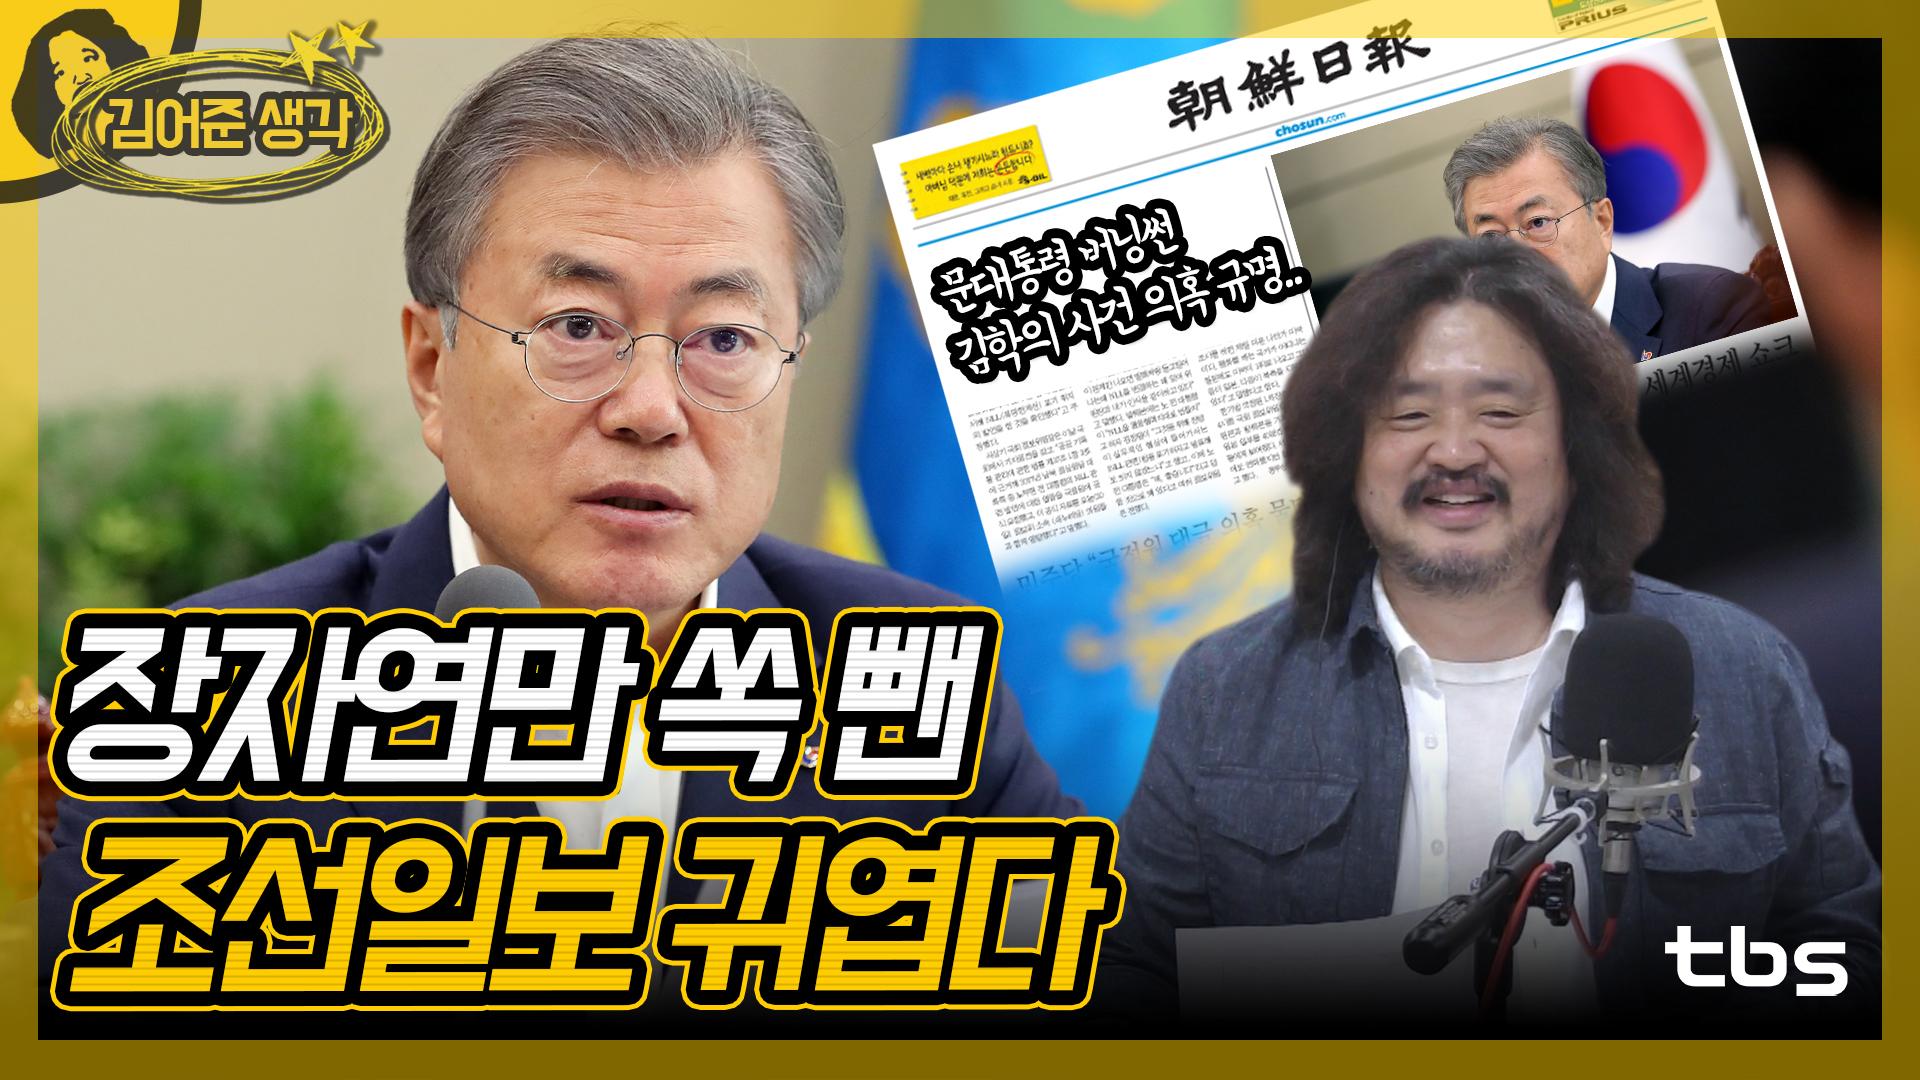 장자연만 쏙 뺀 조선일보, 귀엽다 [김어준의 뉴스공장/김어준생각]